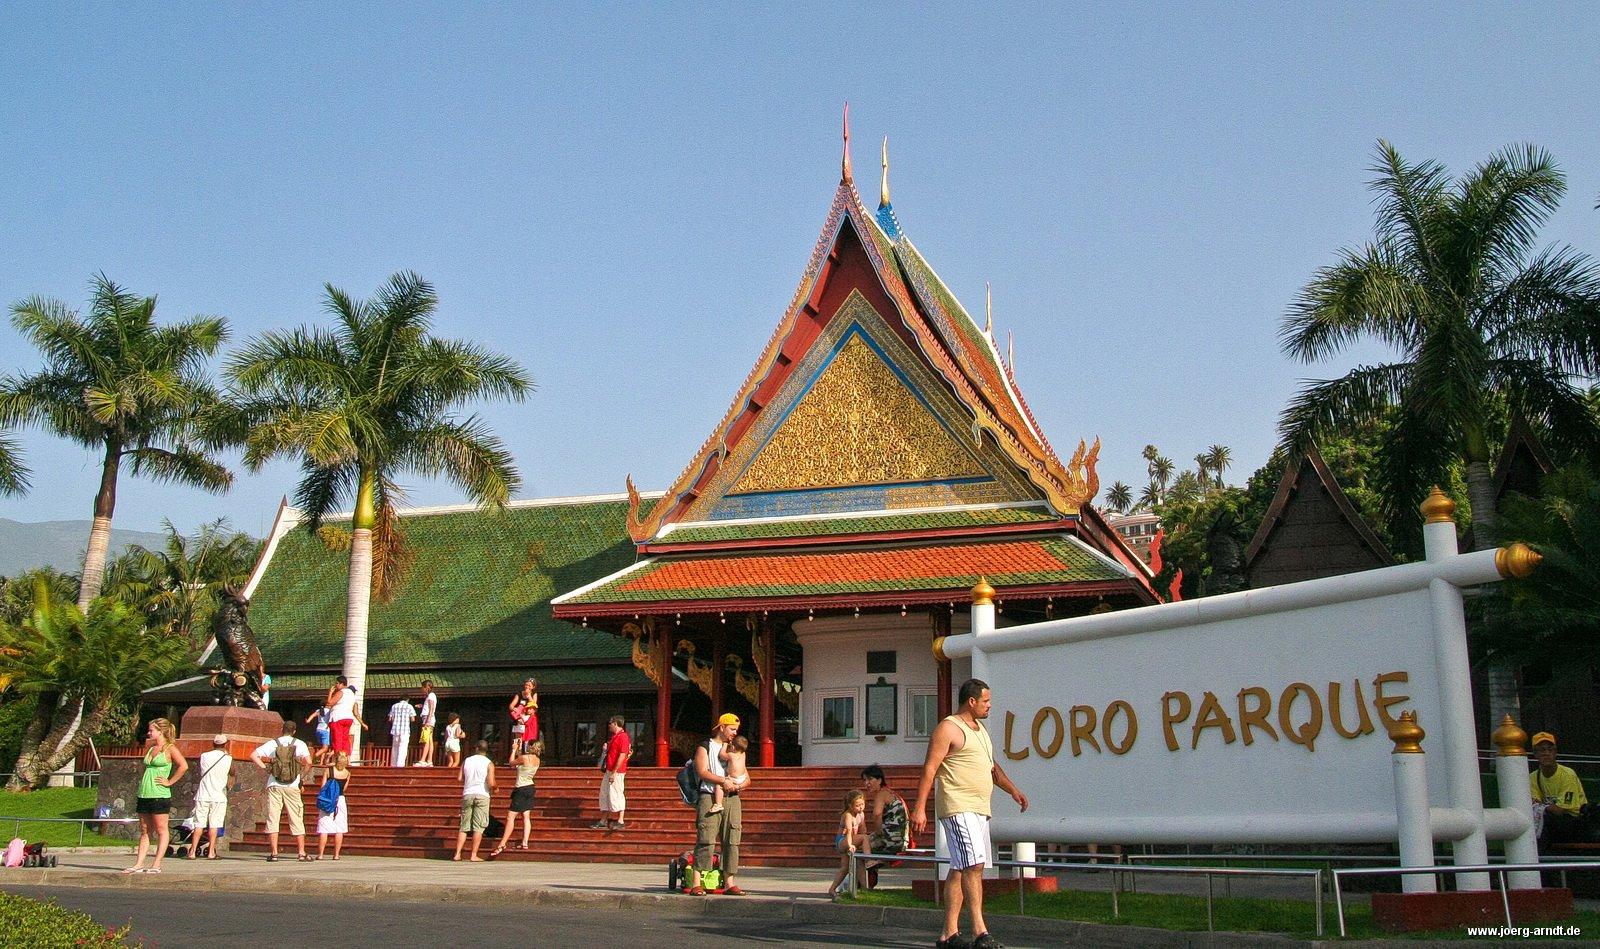 Foto rundgang auf discovery tour im loro parque puerto de la cruz entdecken - Loro parque puerto de la cruz ...